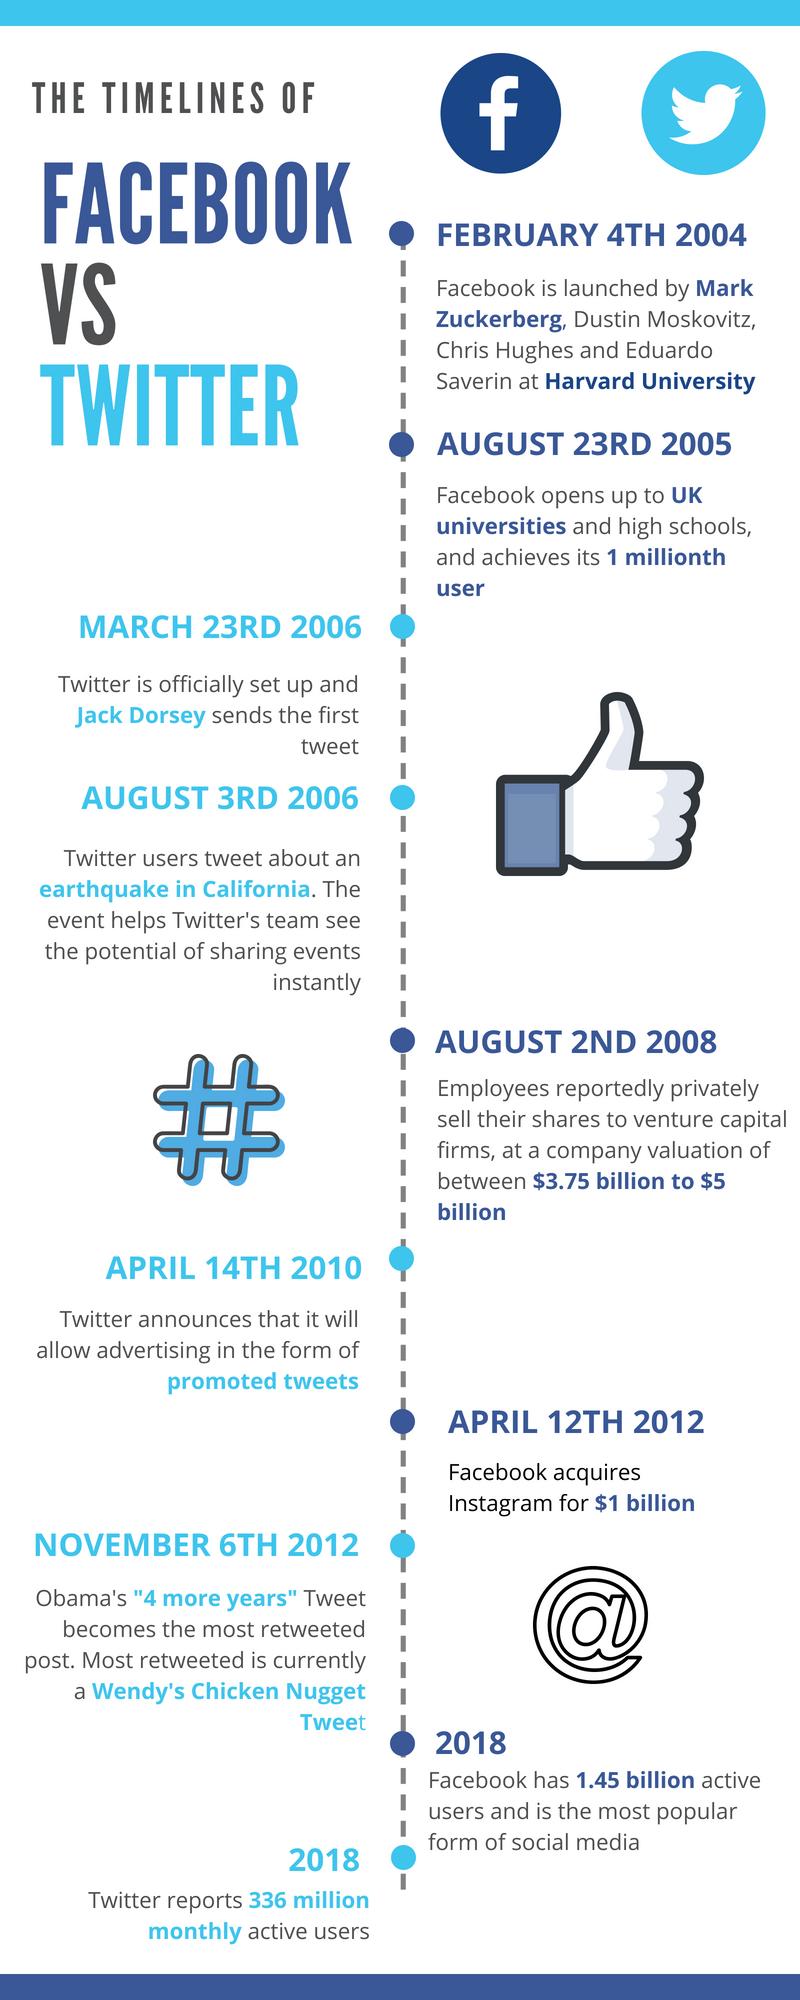 Facebook vs Twitter Timelines